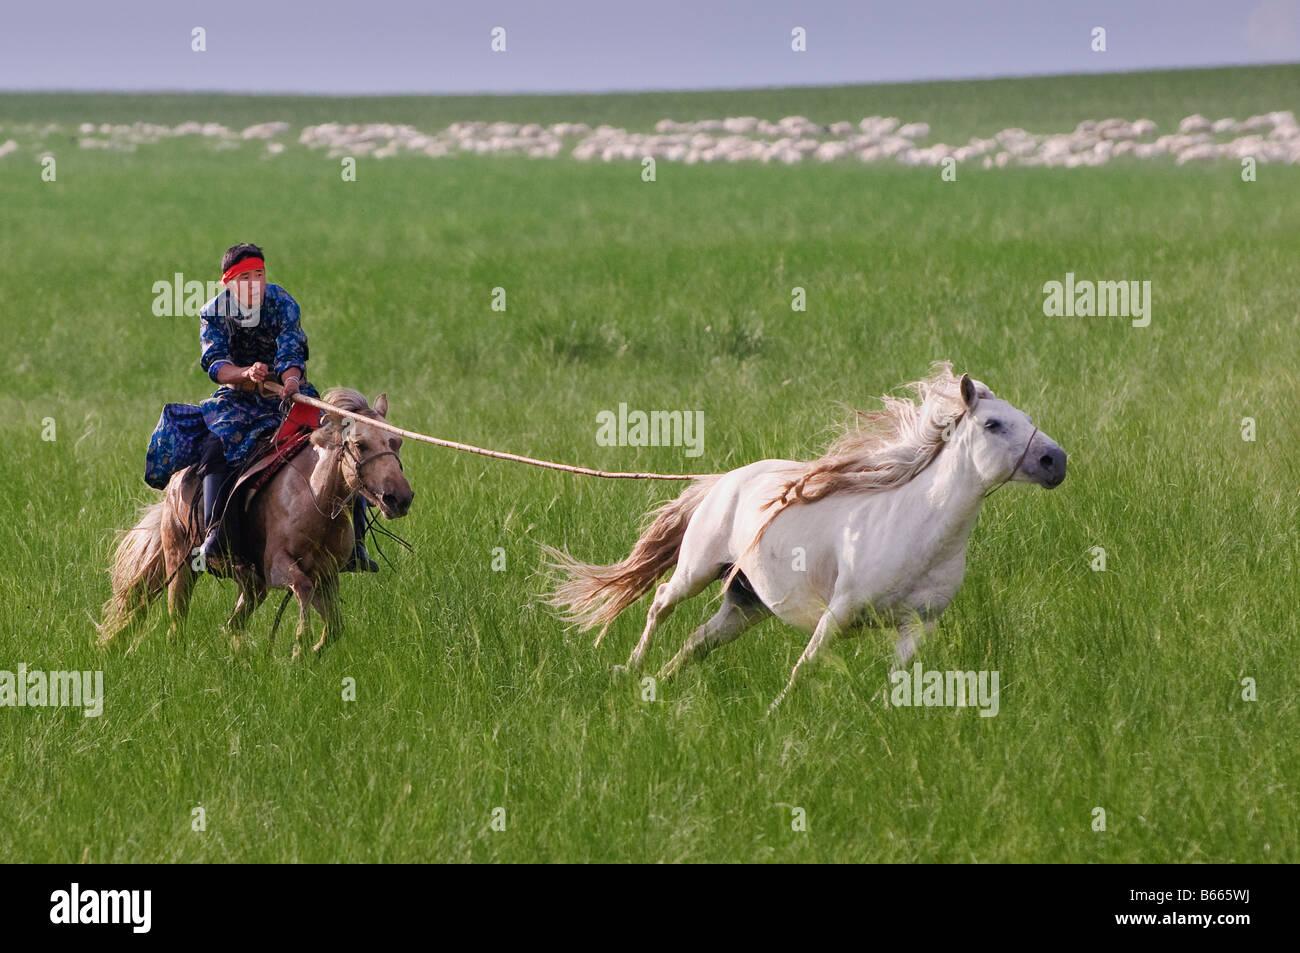 Berger des prairies à cheval cheval captures avec corde et urga pôle Xilinhot Chine Mongolie Intérieure Photo Stock